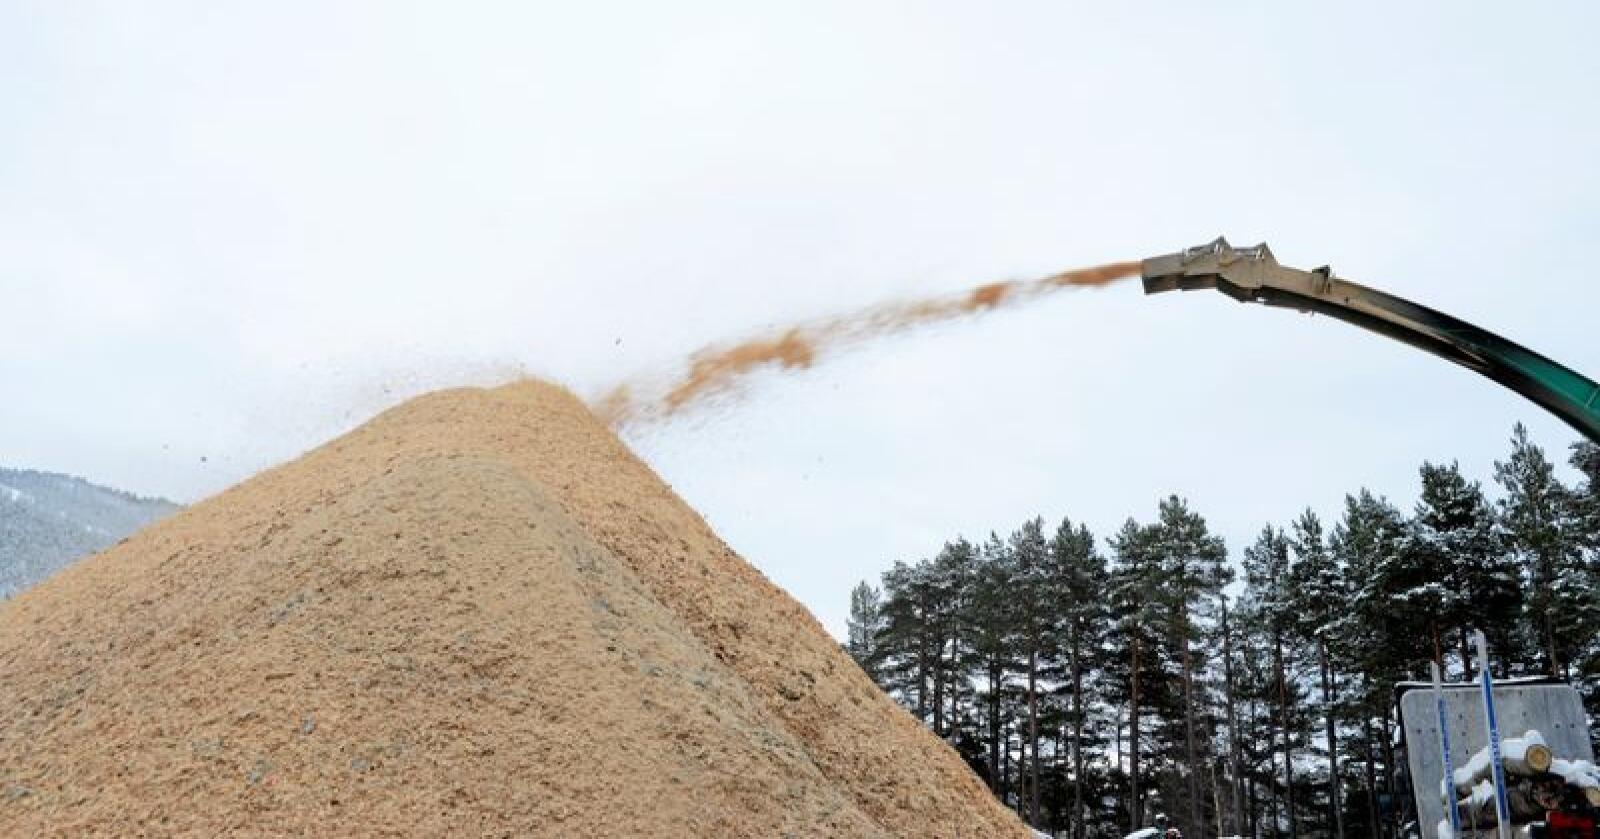 Klimatiltak: Flis som modernee bioenergiløsning er et godt klimatiltak, skriver innsenderne. Foto: Mariann Tvete